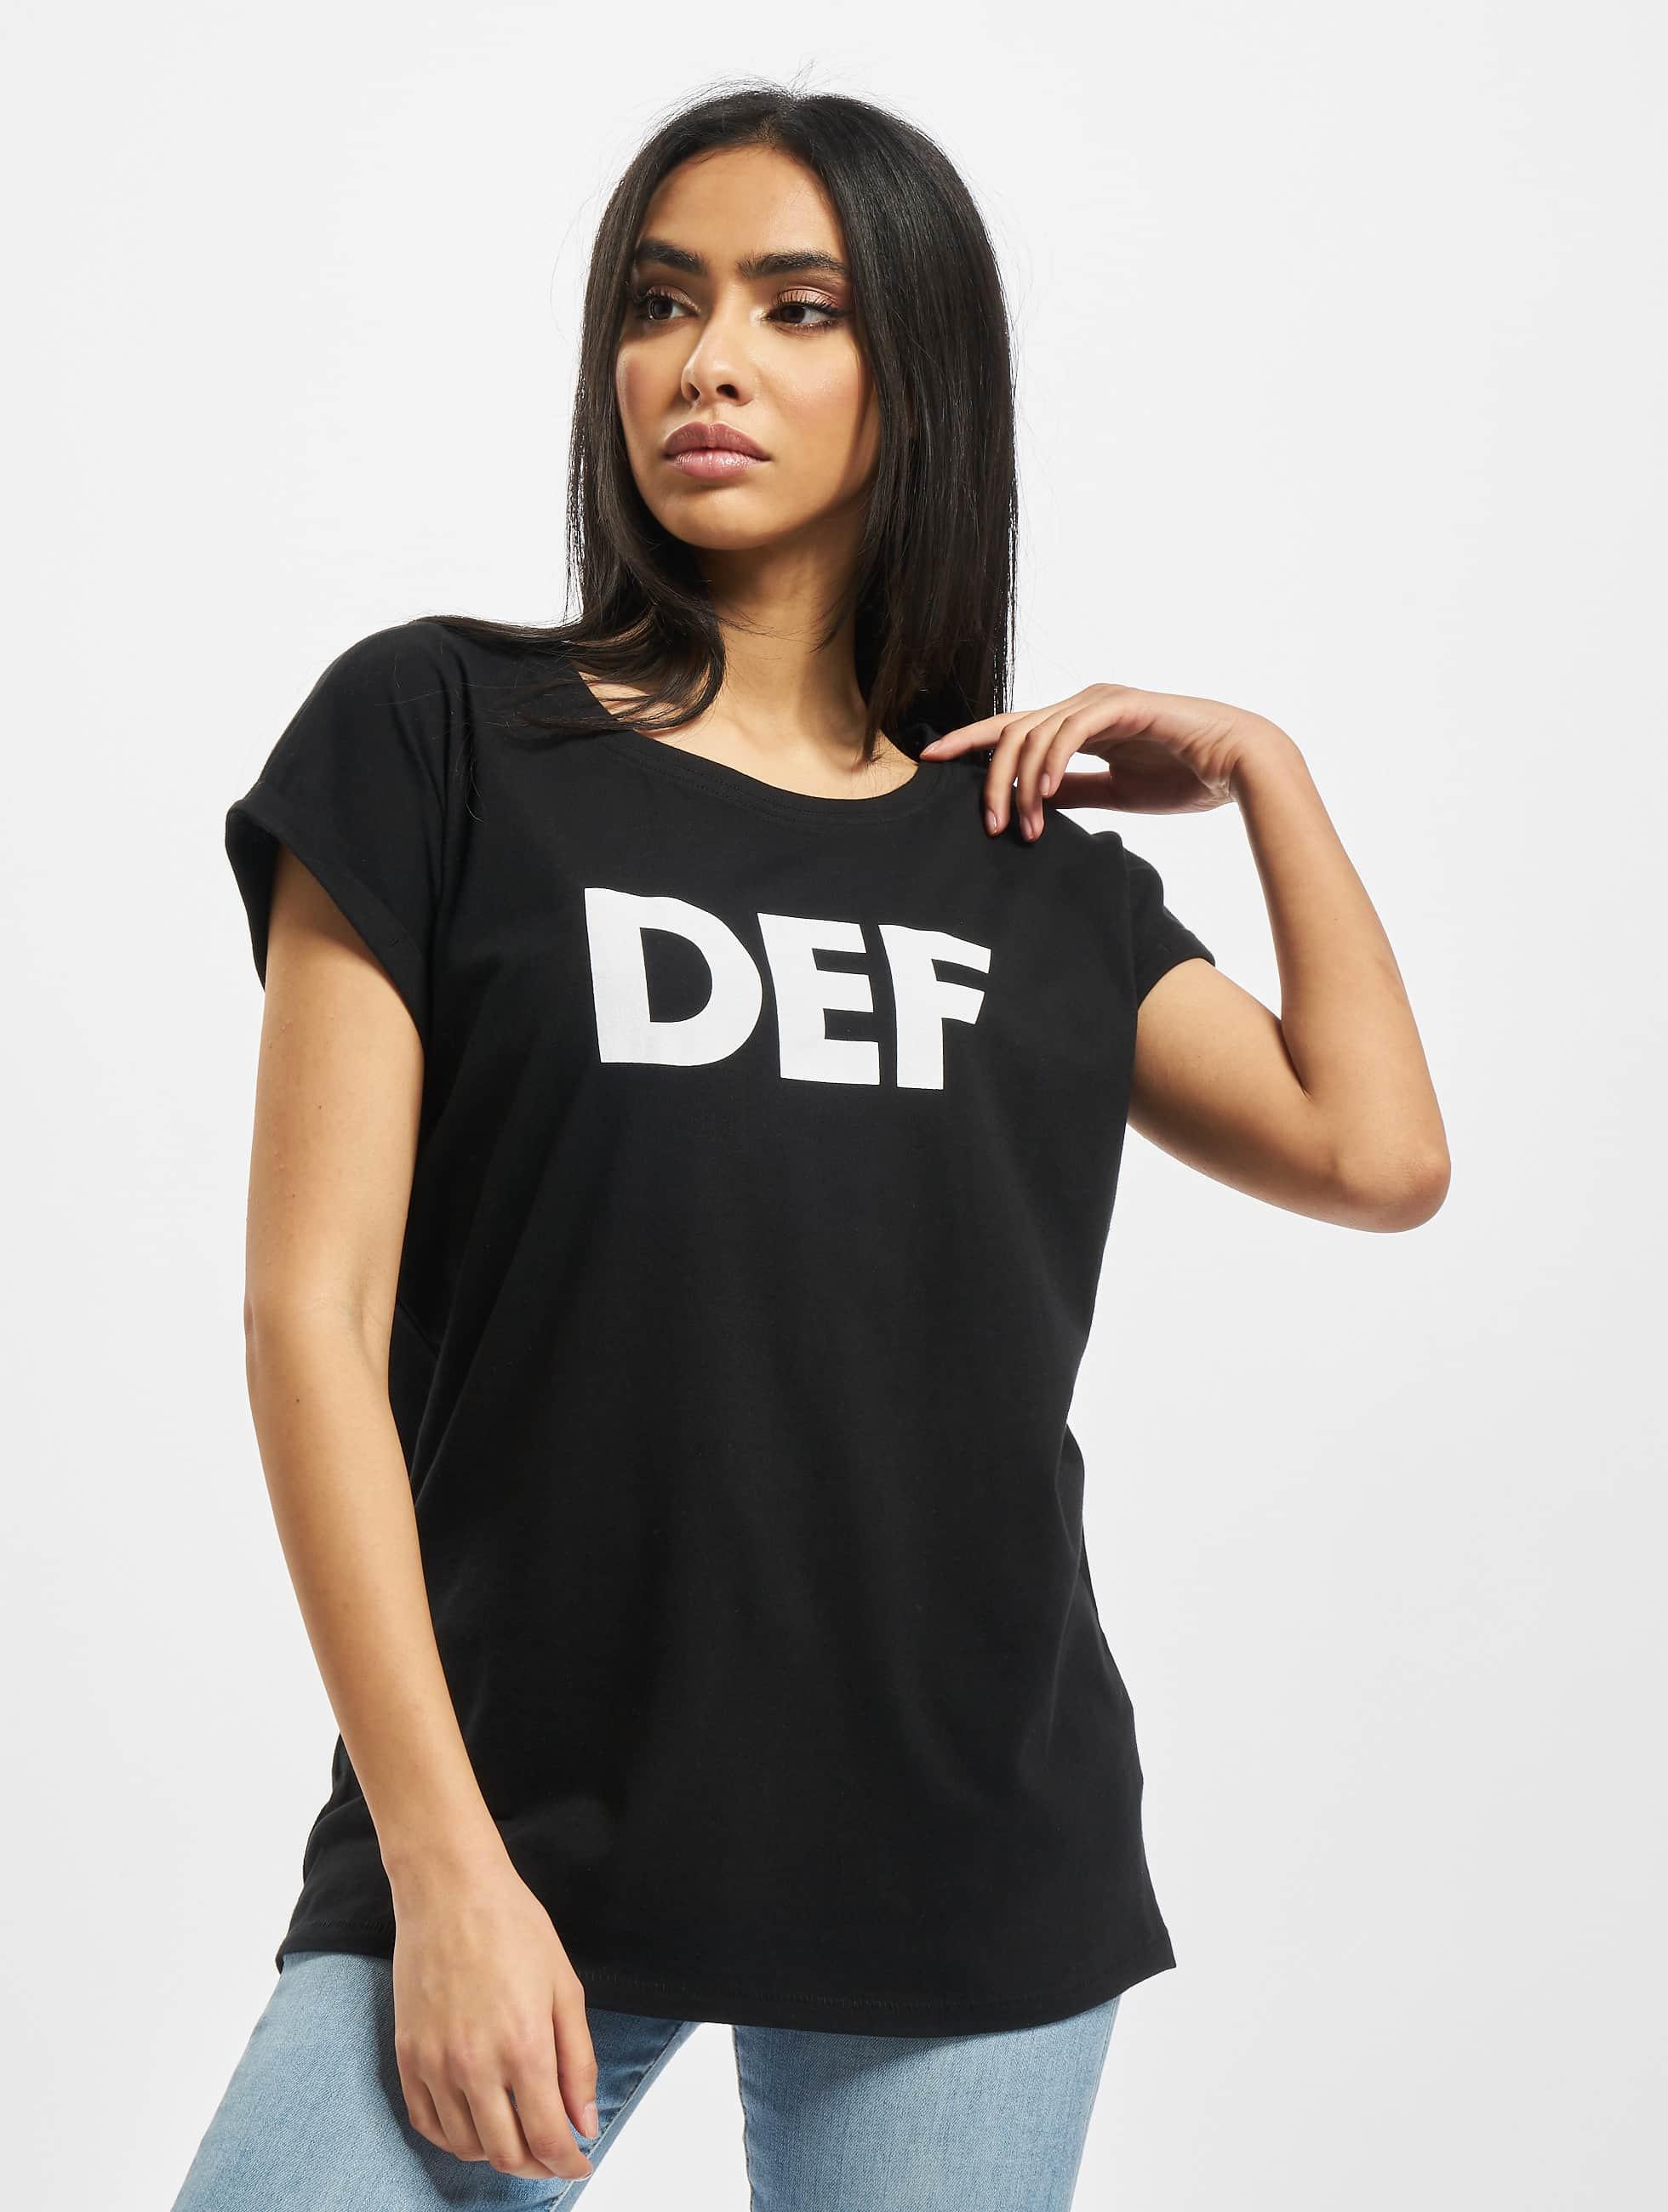 DEF / T-Shirt Sizza in black XS